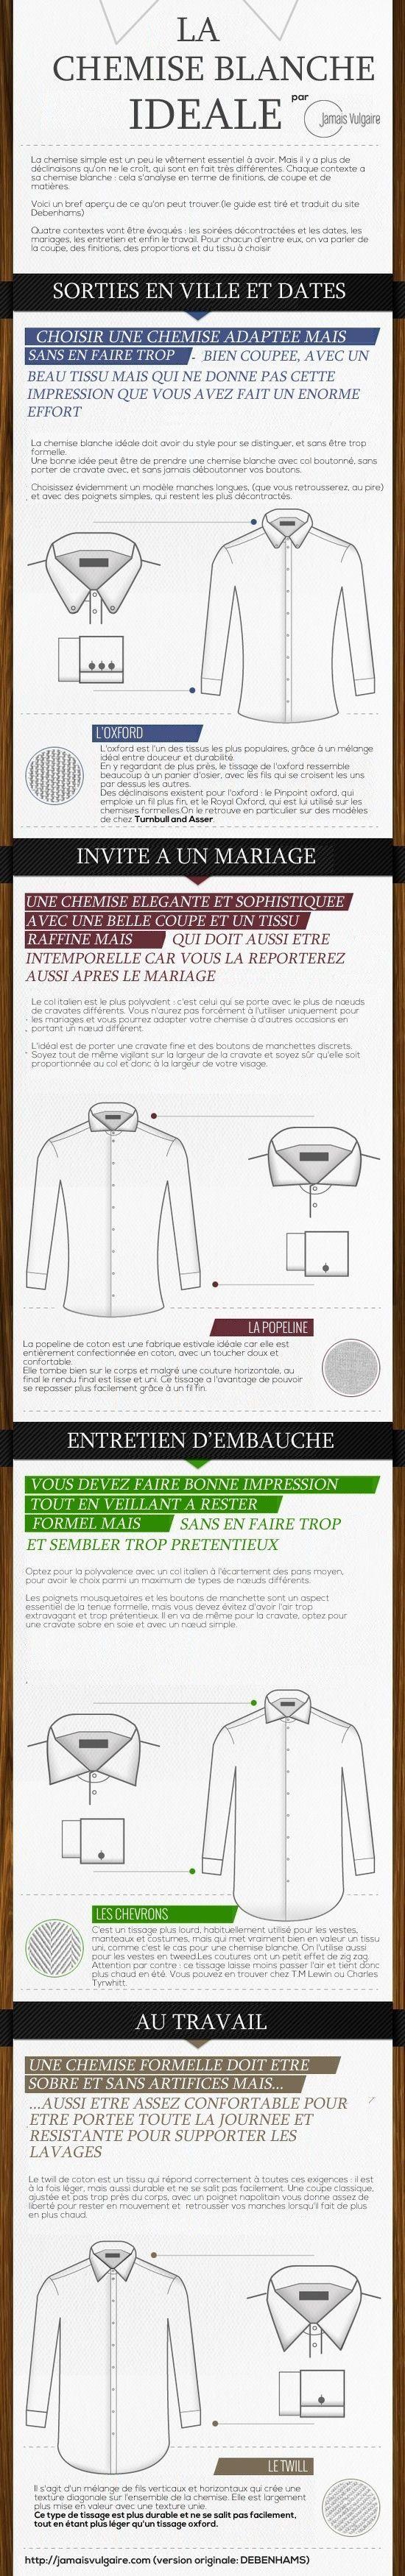 Avant De Commencer Cet Article Je M Excuse Encore Une Fois De La Frequence Un Peu Reduite En Ce Moment D Arti Perfect White Shirt Style Guides Gentleman Style